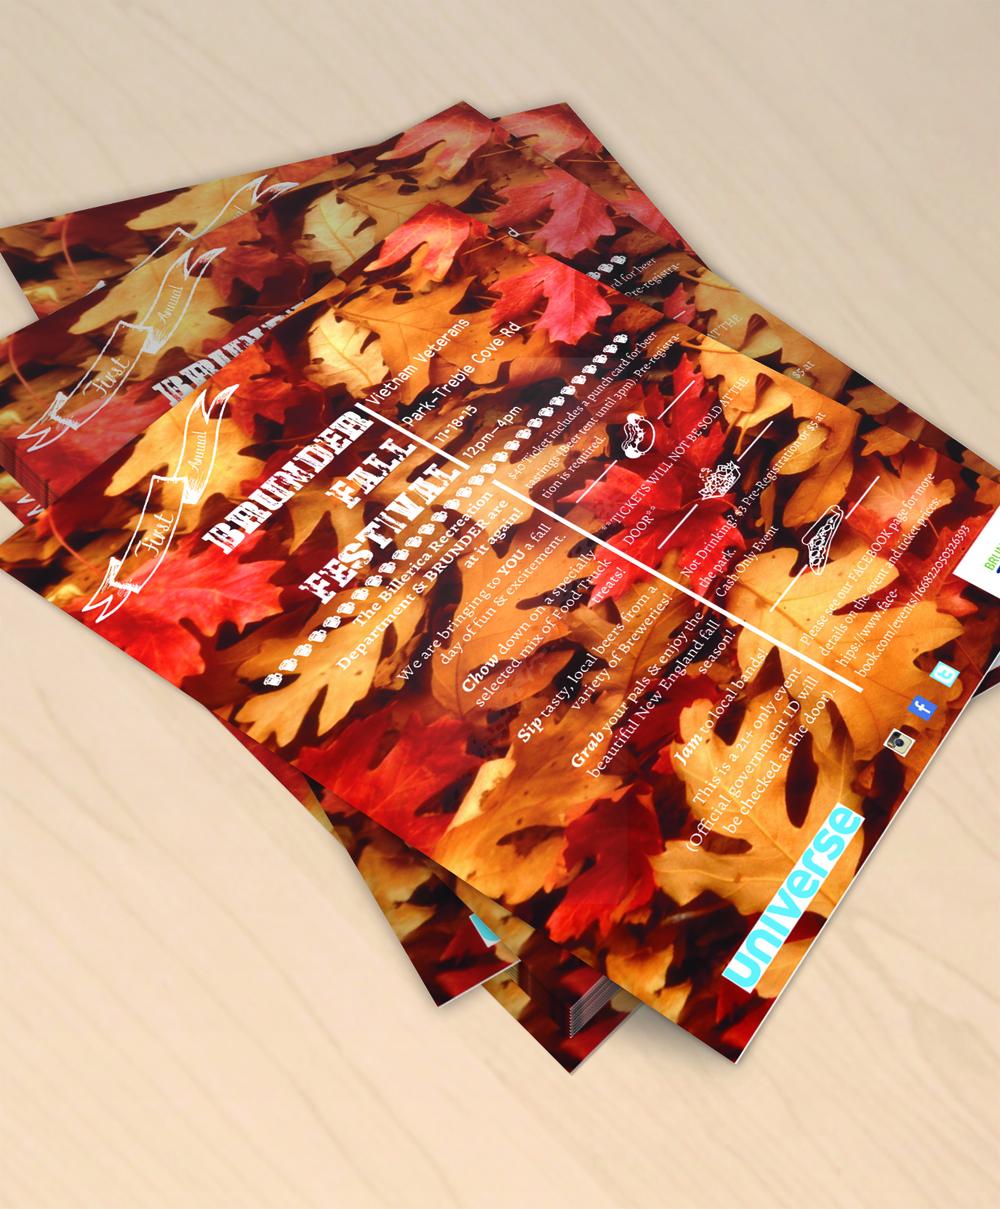 Fallfestivalmockup.jpg